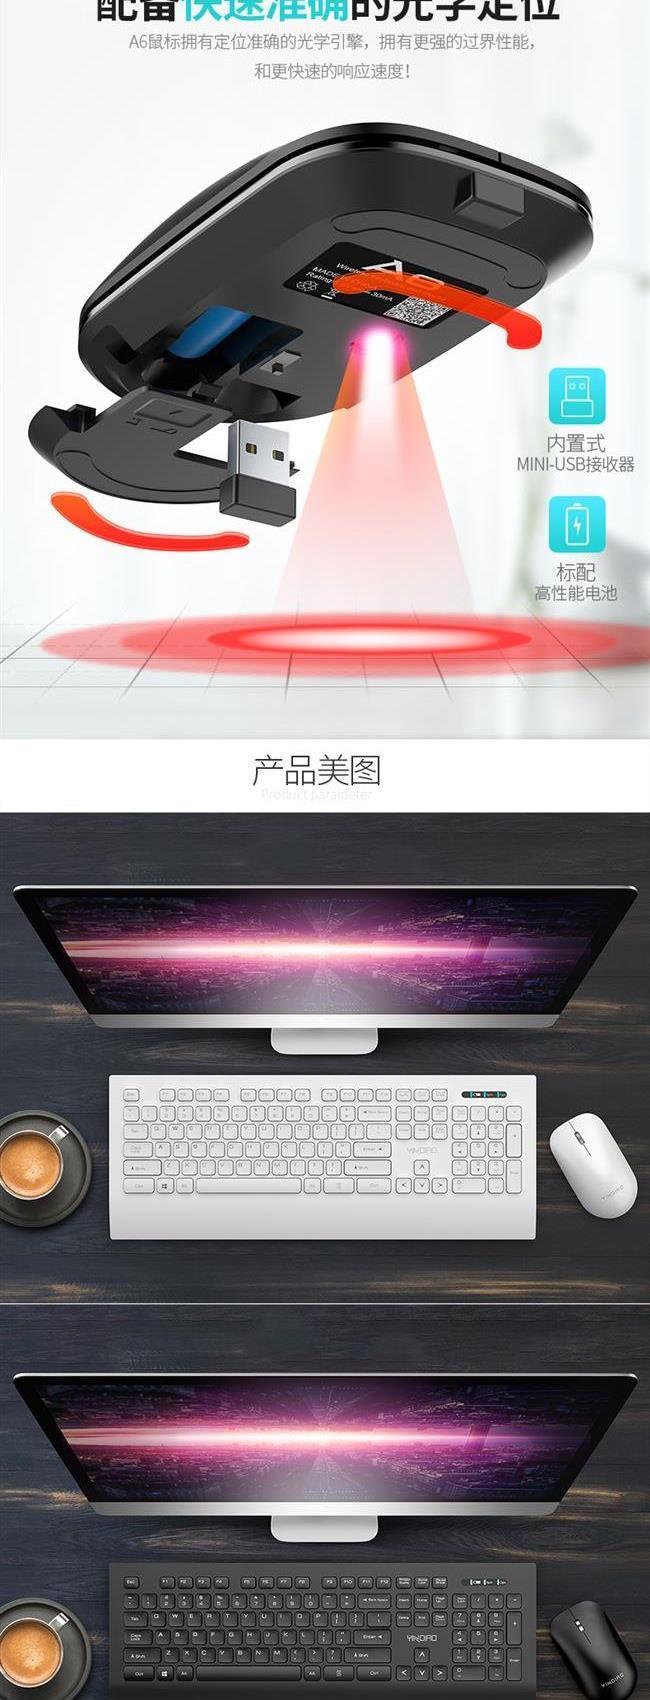 Bàn phím Bàn phím và bộ dạng chuột của máy tính xách tay, bàn phím không dây, và bộ dạng con chuột s